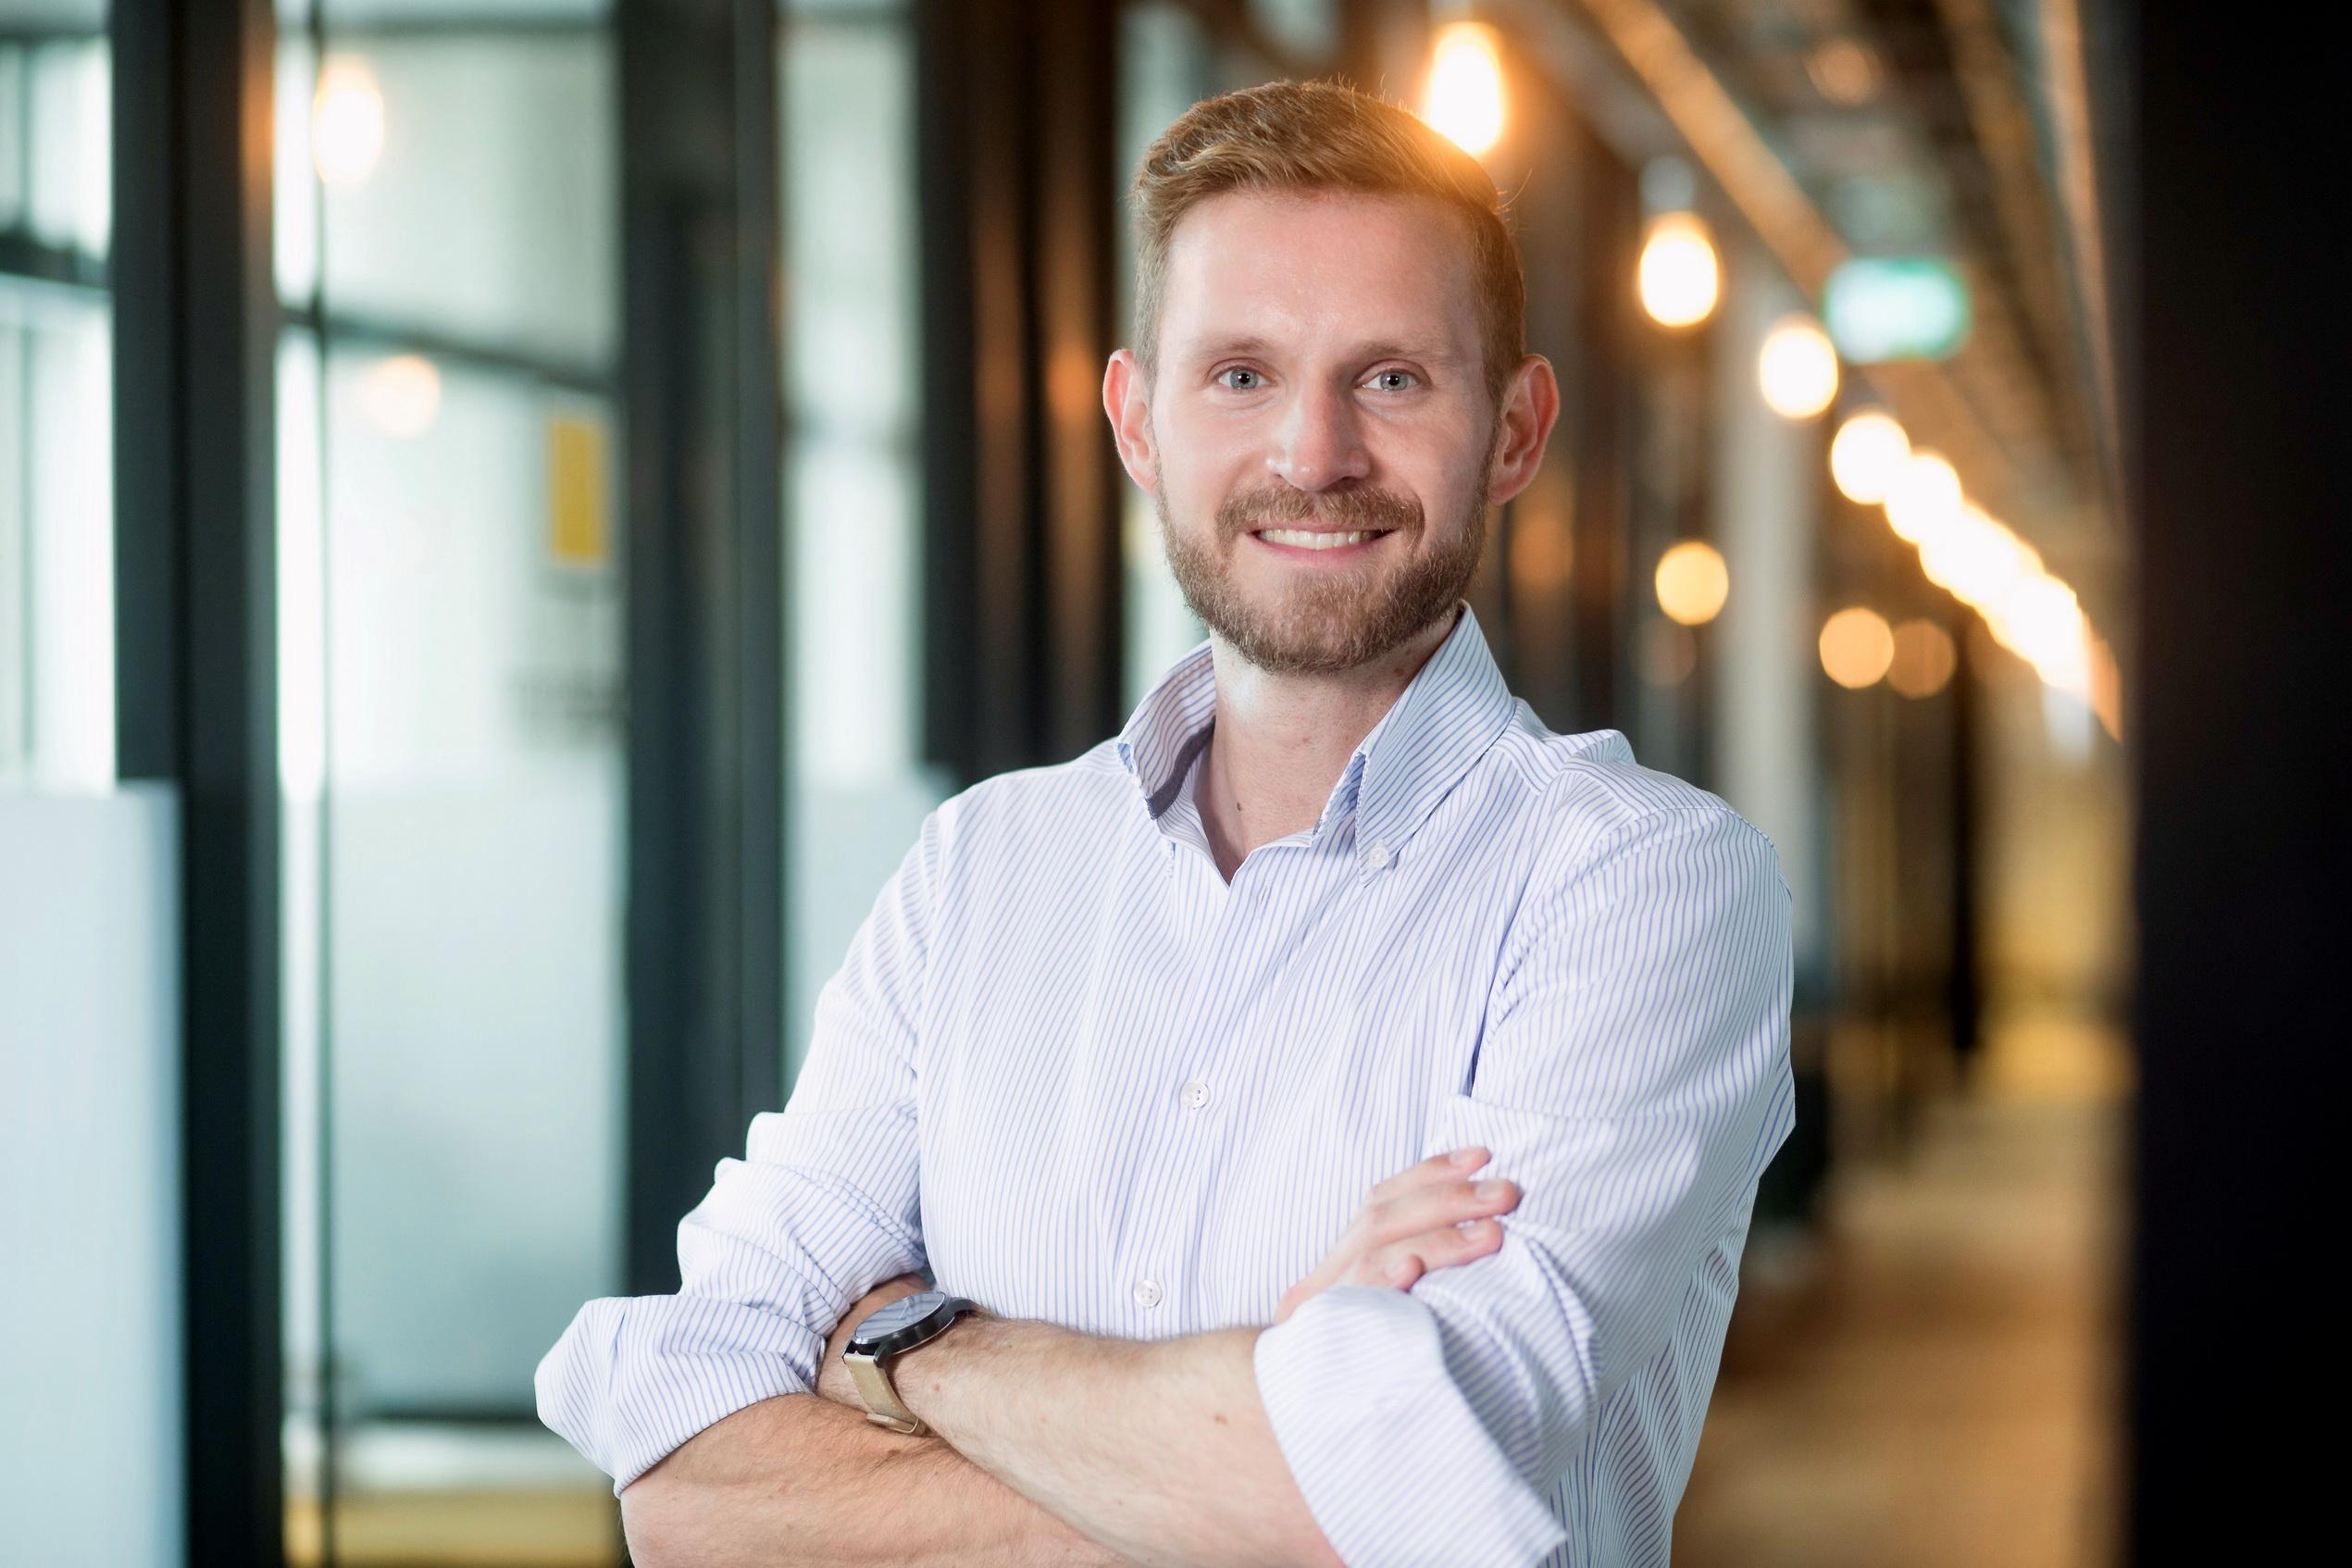 Daniel Bublitz von Halteverbotszone KMR